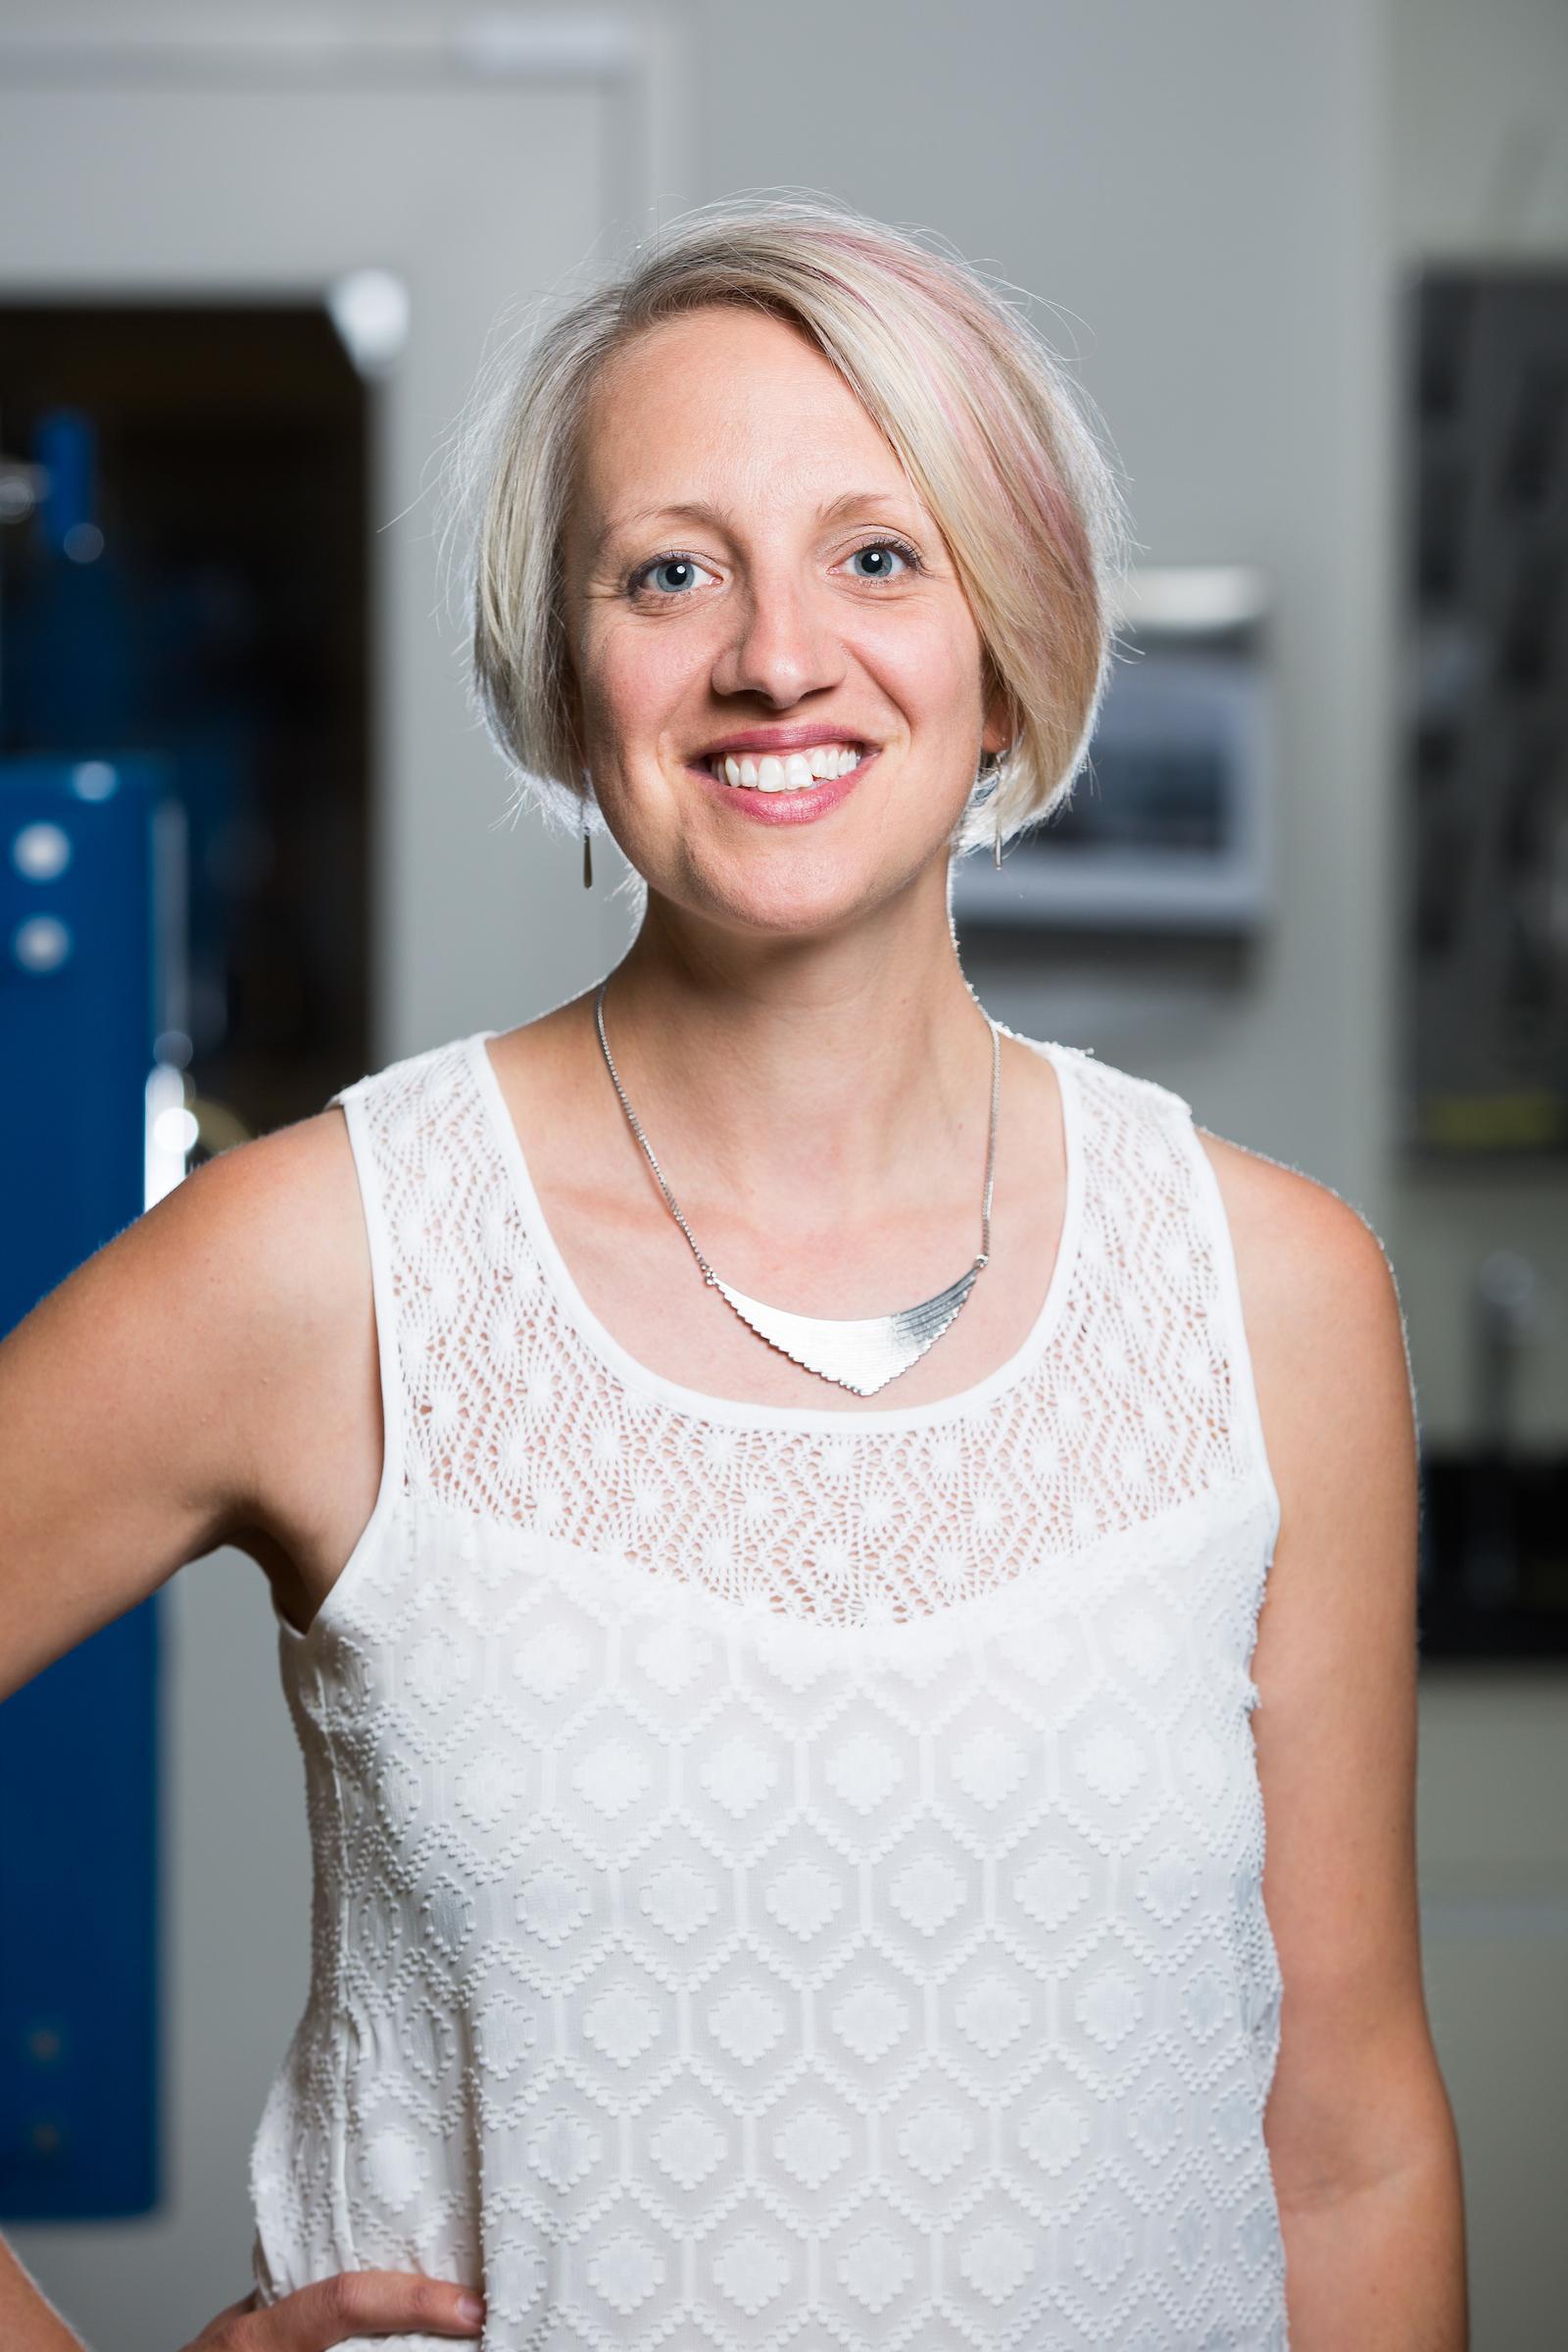 ASU scientist Christy Till